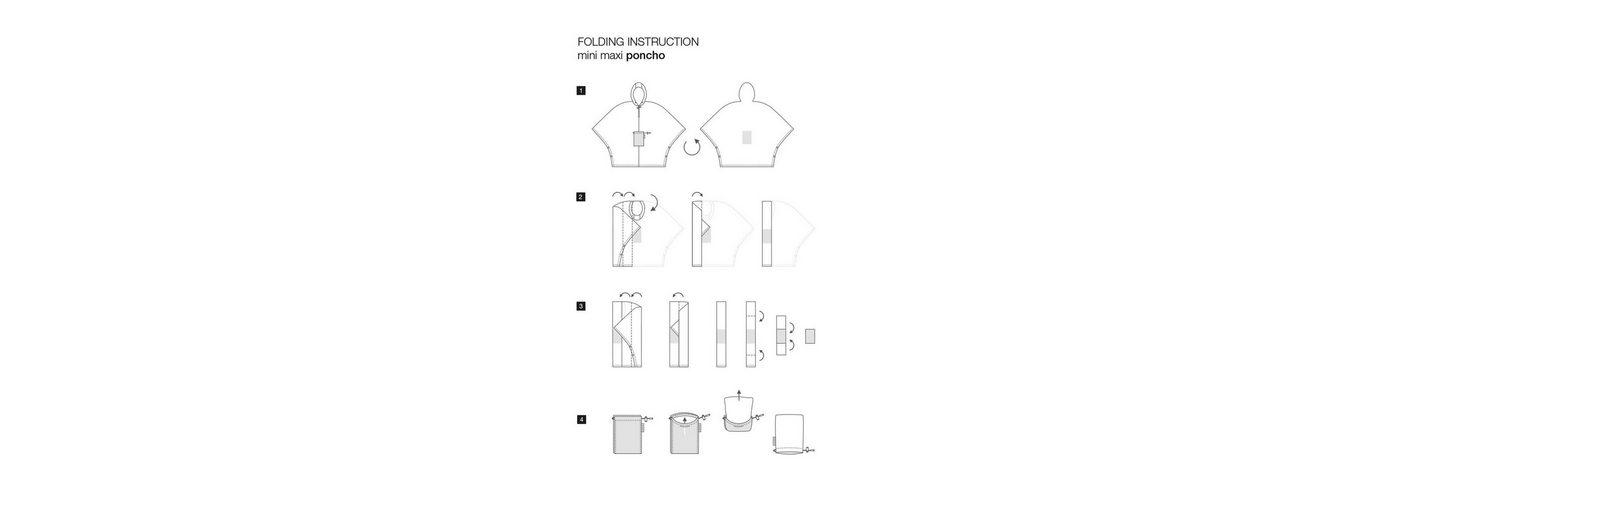 Wo Zu Kaufen Rabatt Besuch reisenthel Regenjacke mini maxi poncho Spielraum Online Amazon ic850